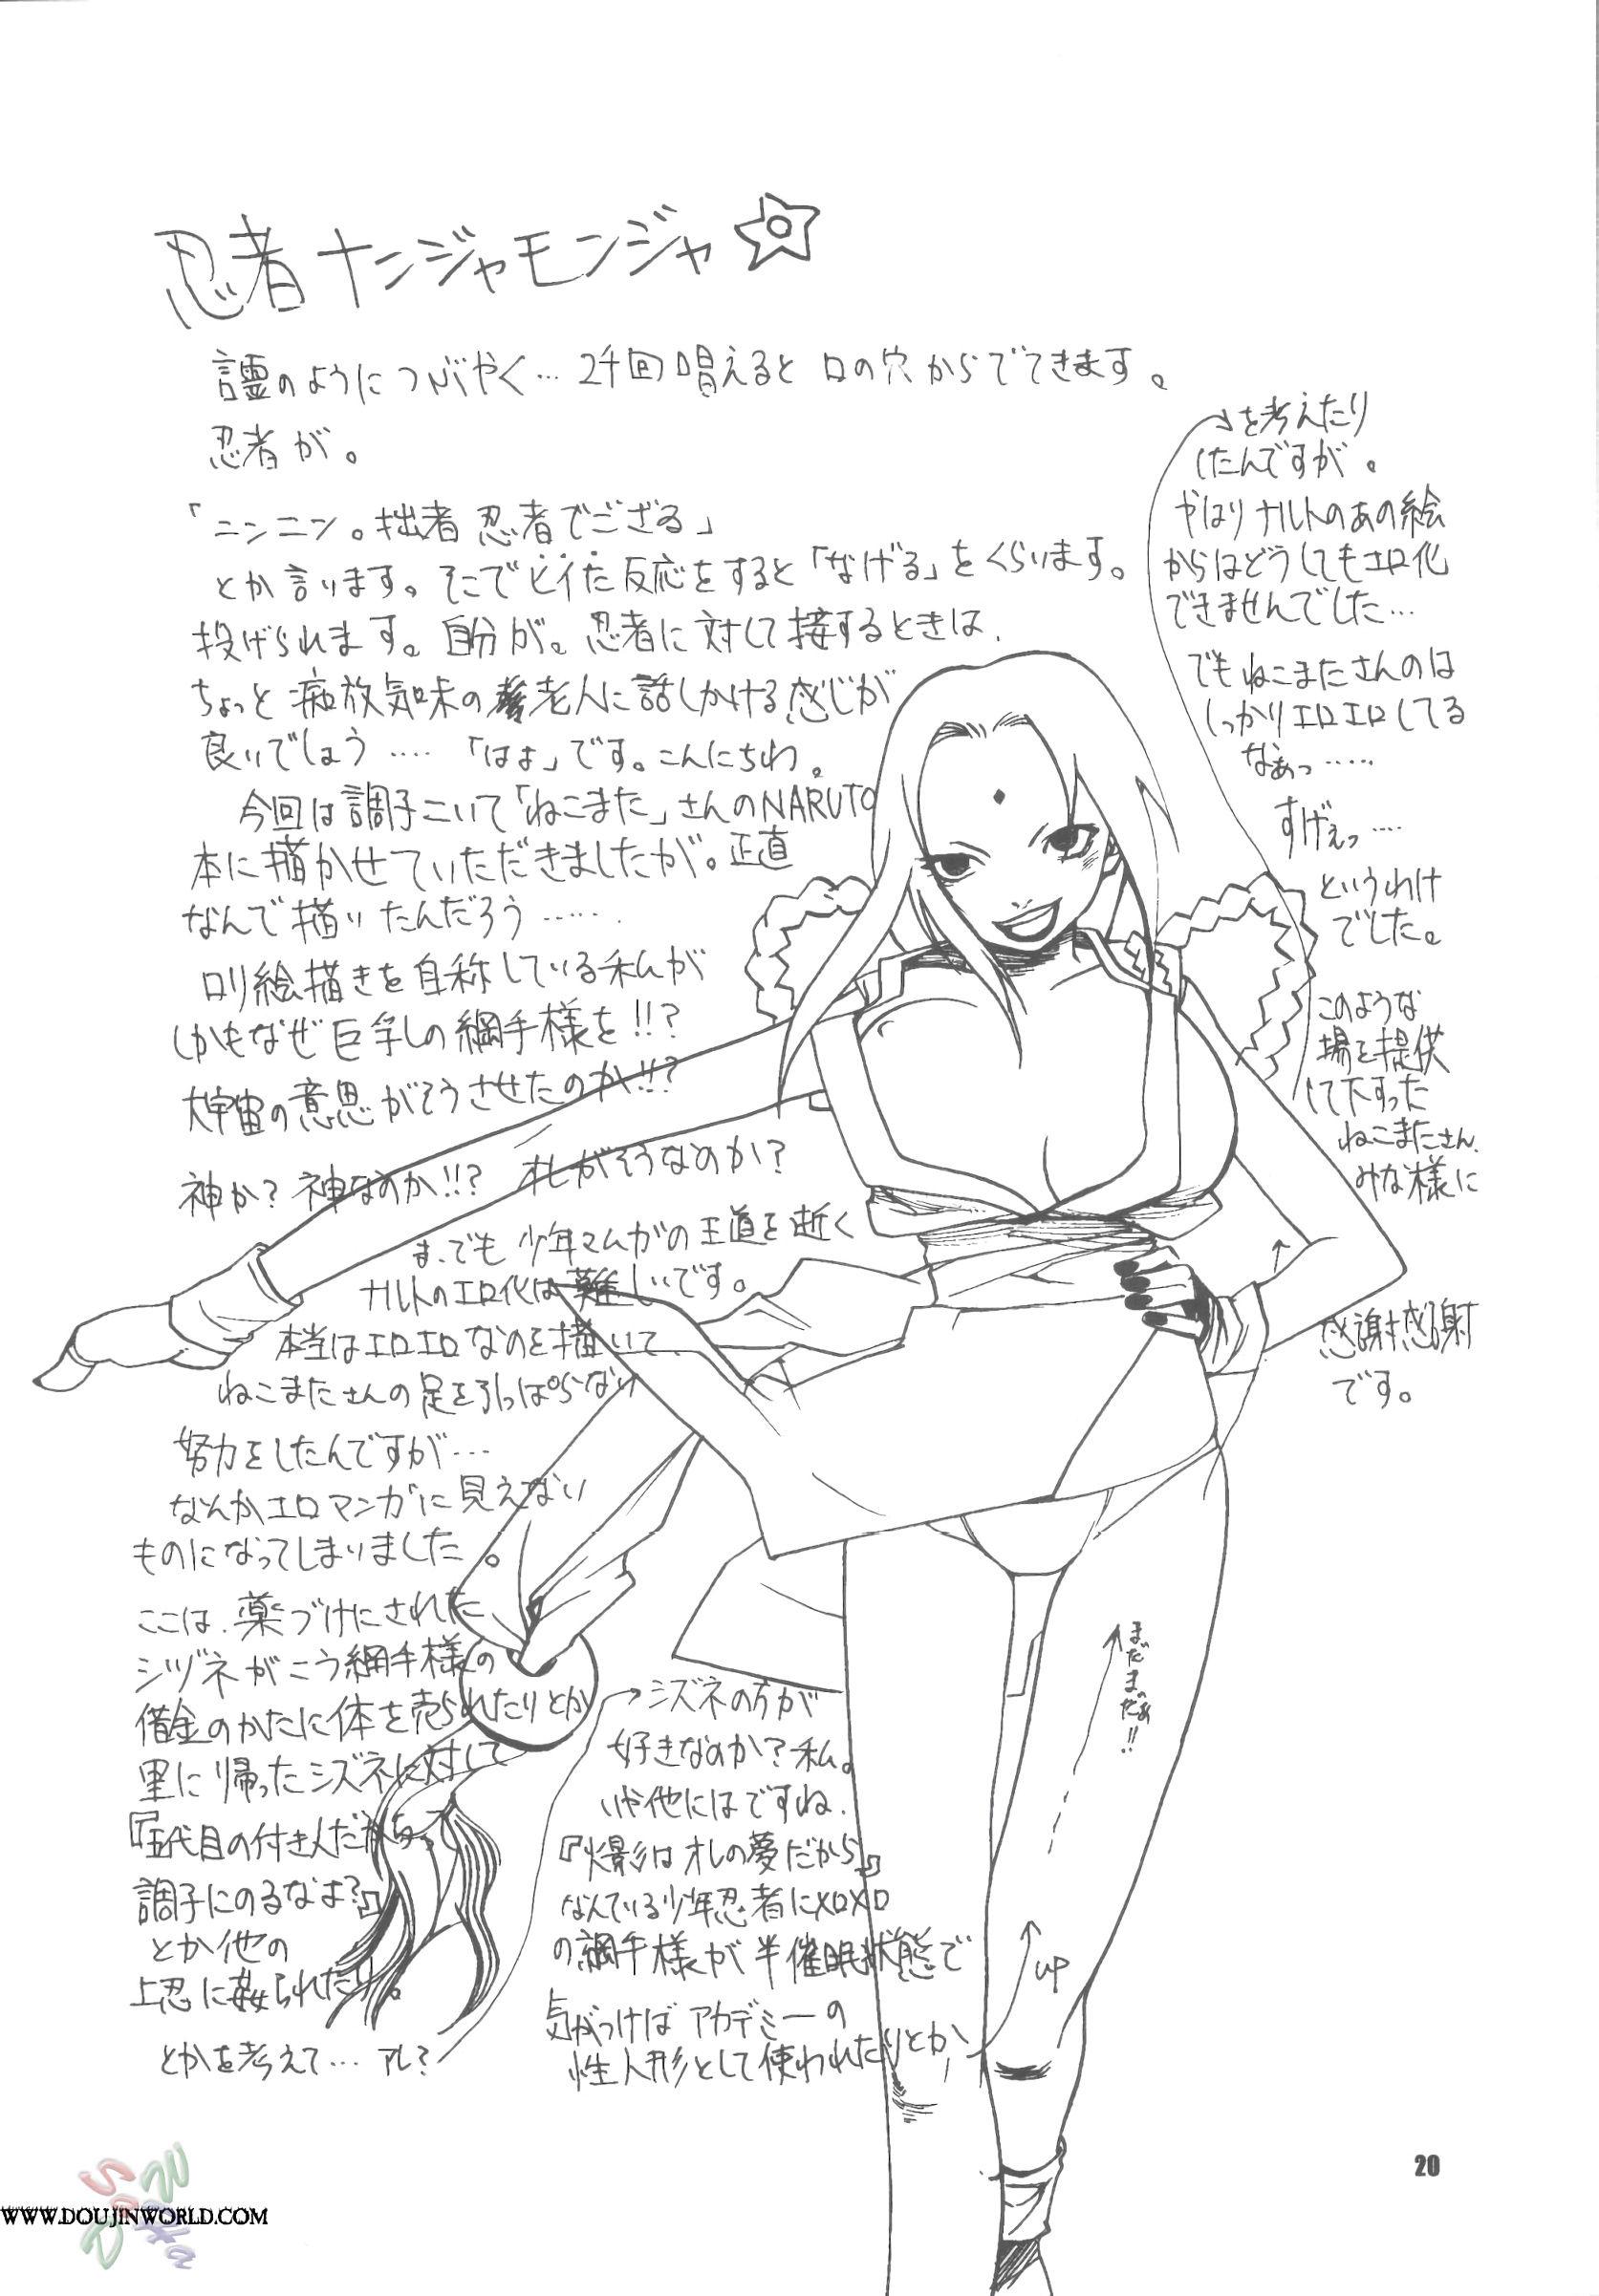 Janbo mochi hentai manga picture 18